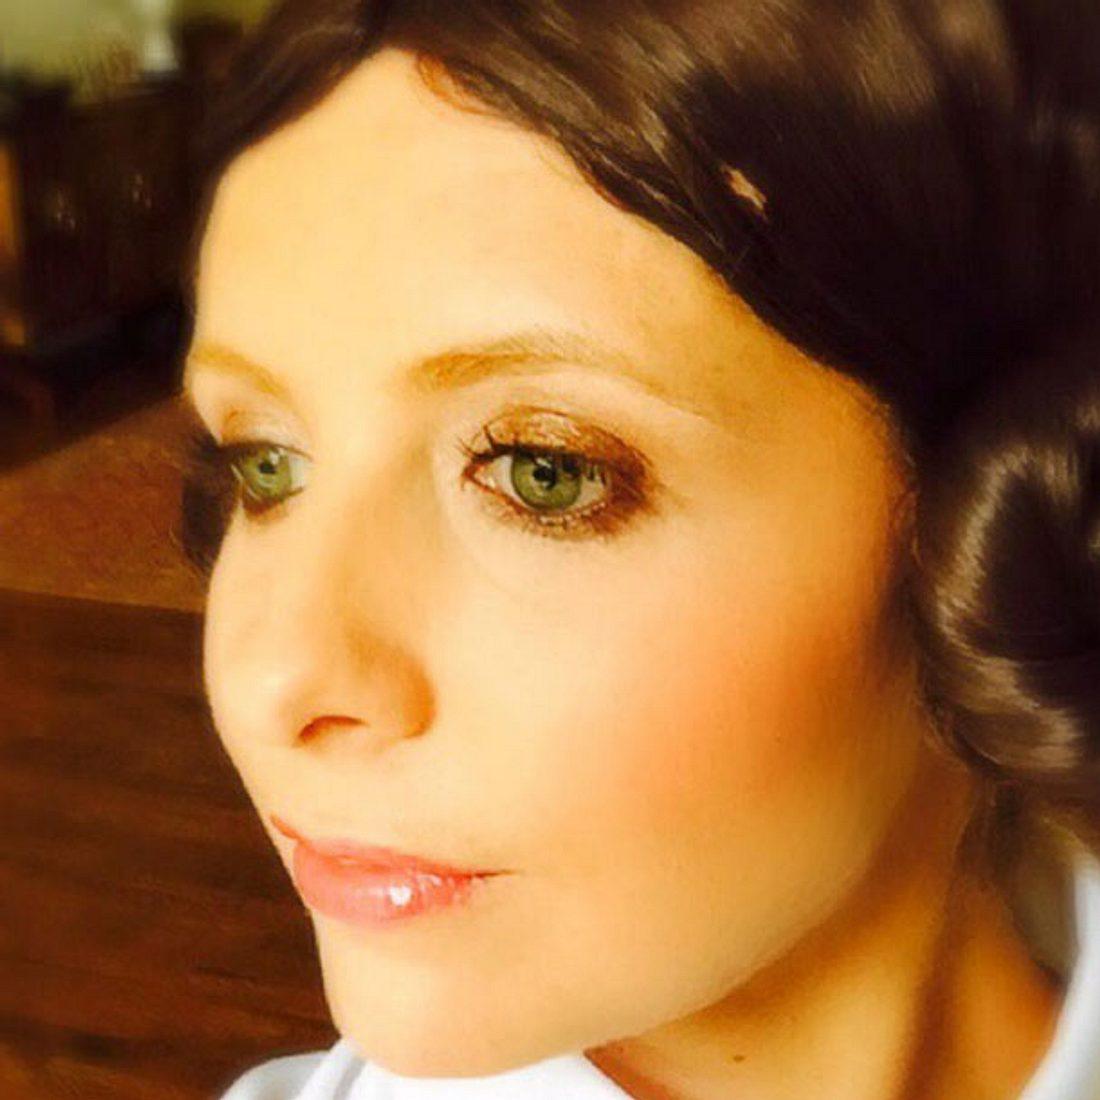 Sarah Michelle Gellar im Star Wars Look